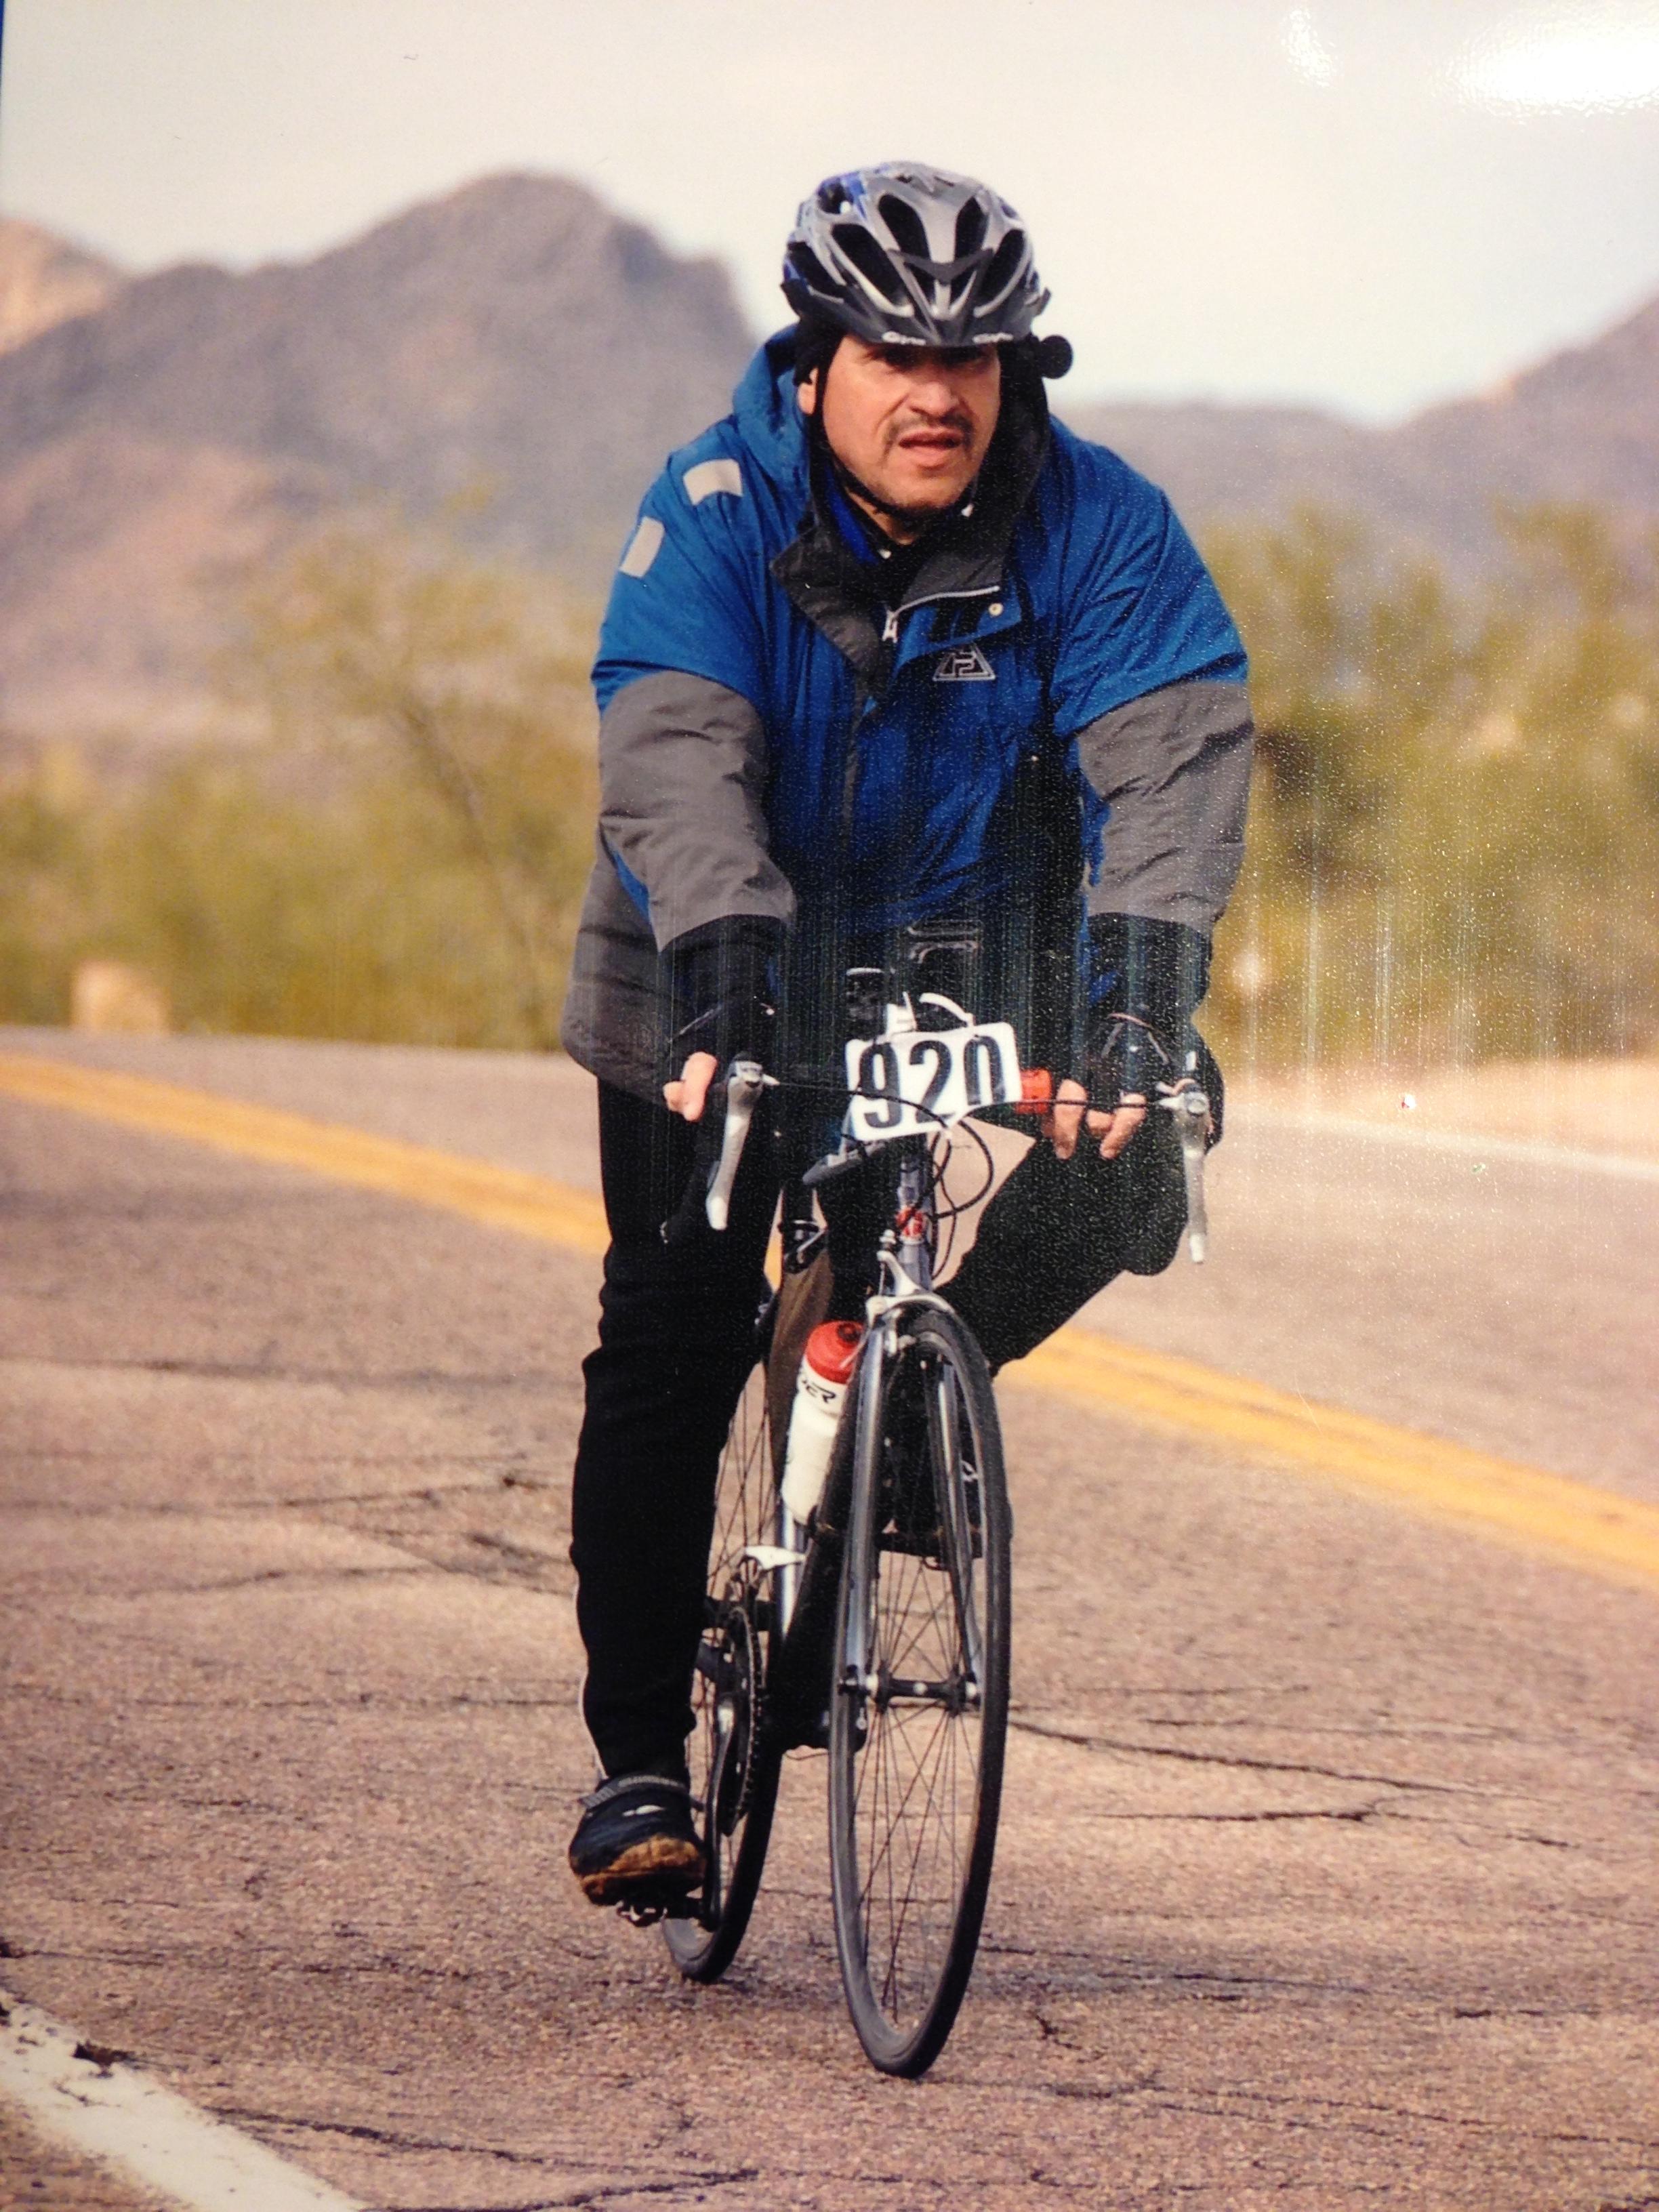 Al Martinez Riding in the 2013 Tour De Tucson